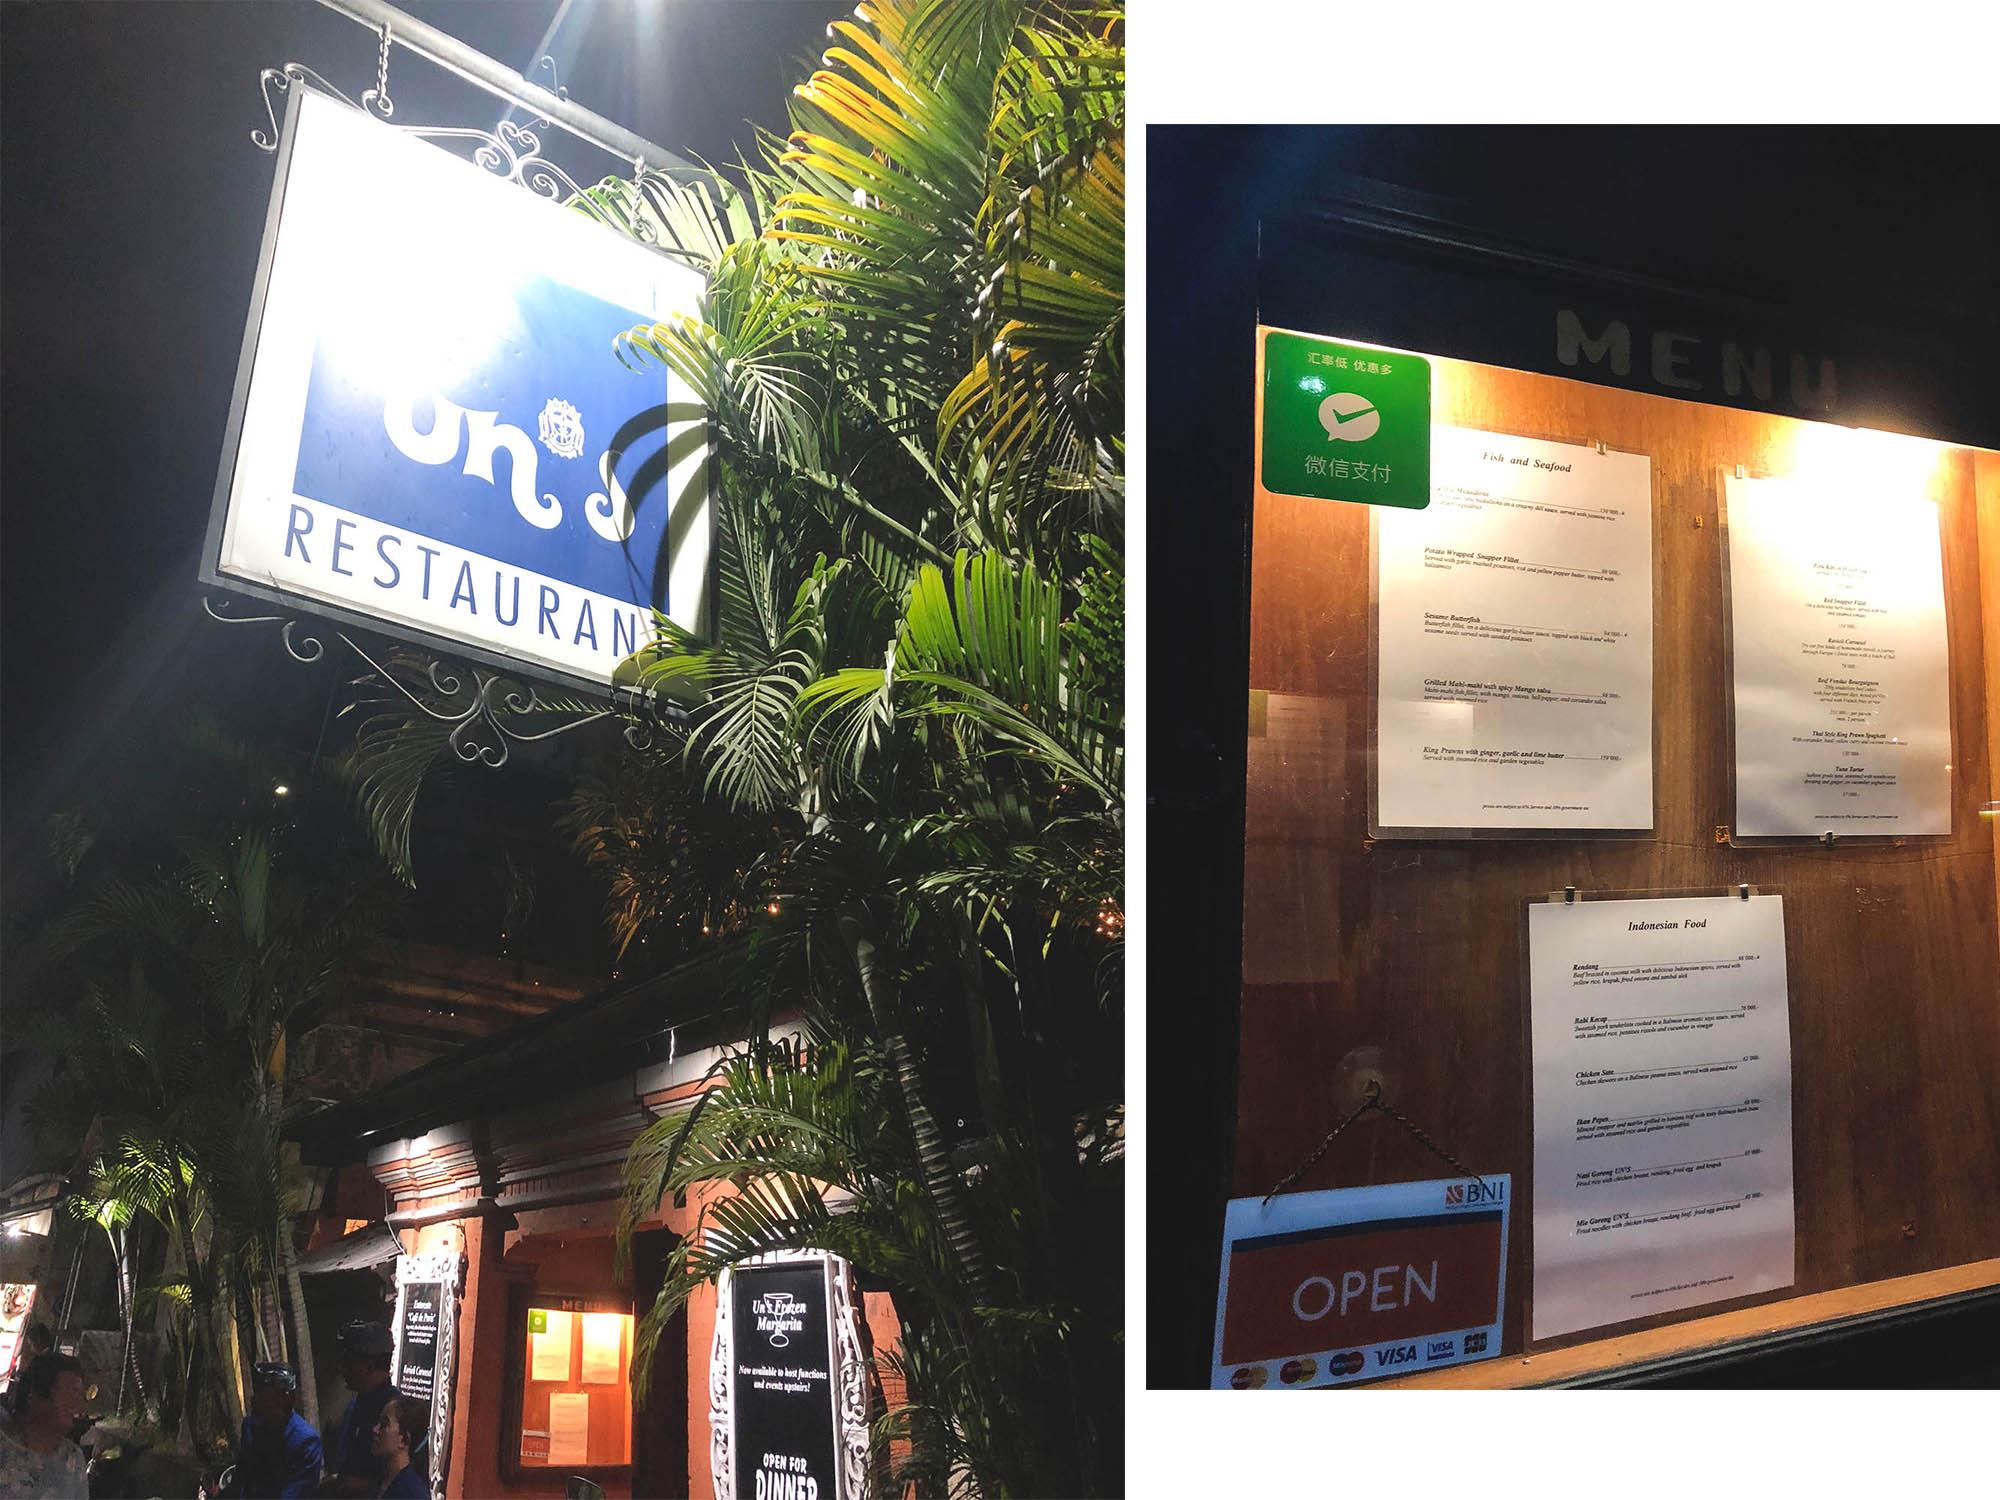 峇里島uns餐廳外門口招牌_08